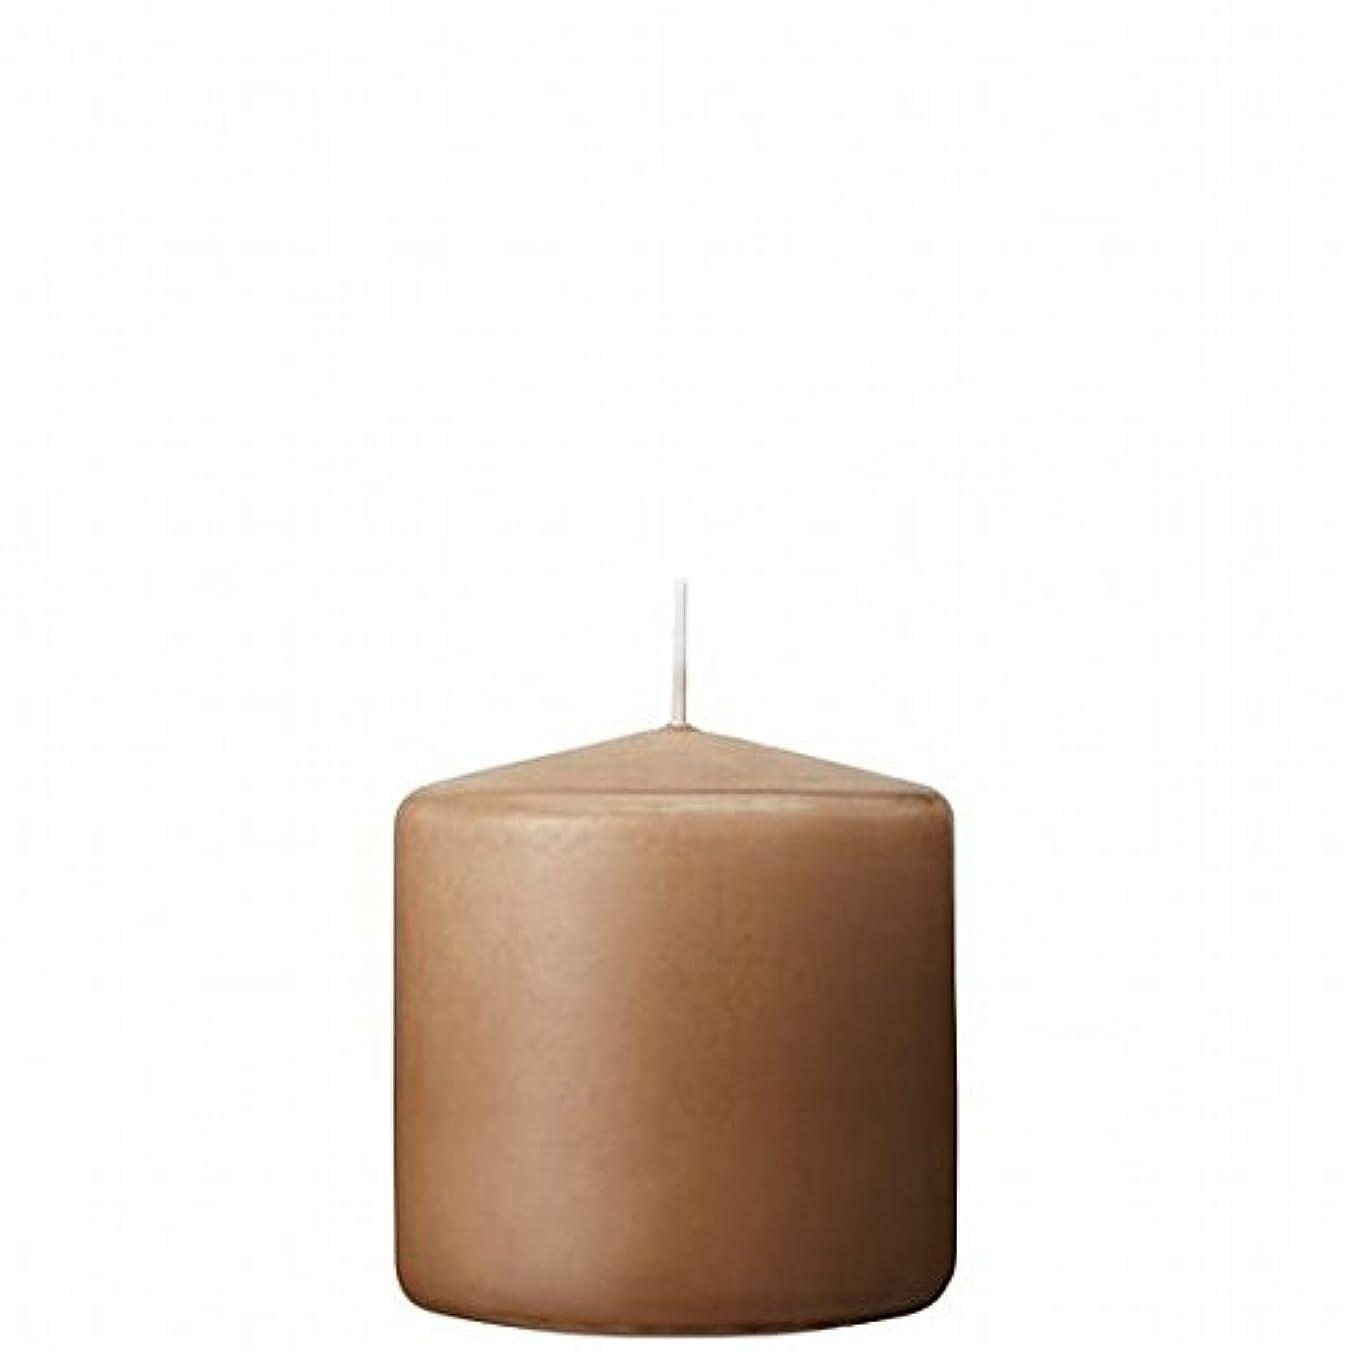 正しい光の消費kameyama candle(カメヤマキャンドル) 3×3ベルトップピラーキャンドル 「 モカ 」(A9730000MO)